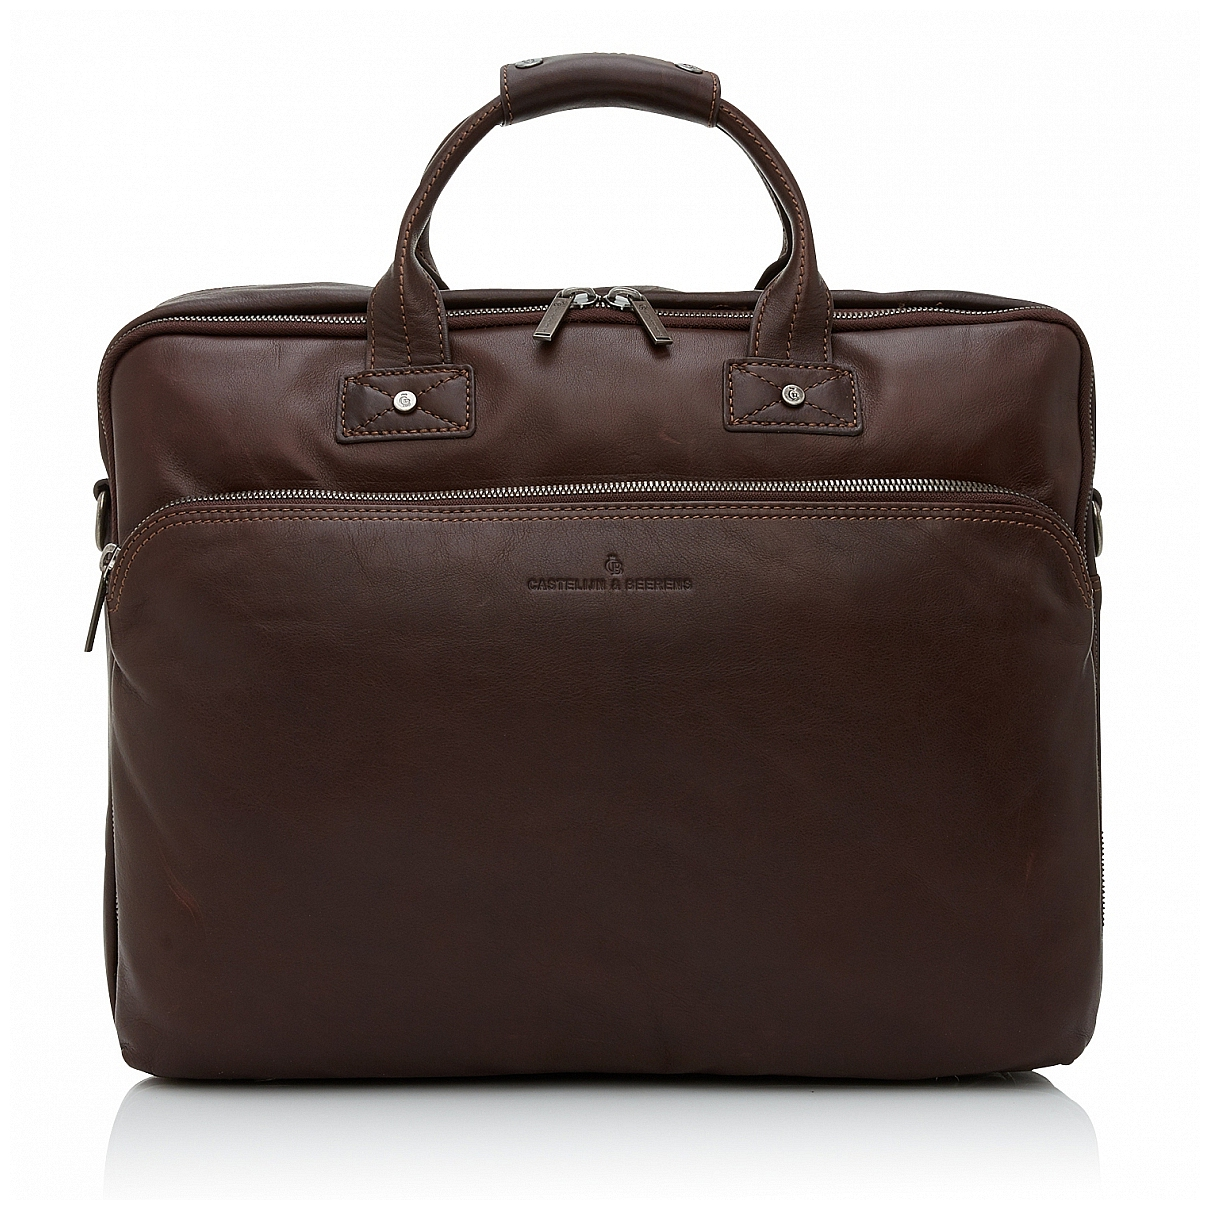 Castelijn & Beerens Kožená taška na notebook a tablet 609474 tmavě hnědá